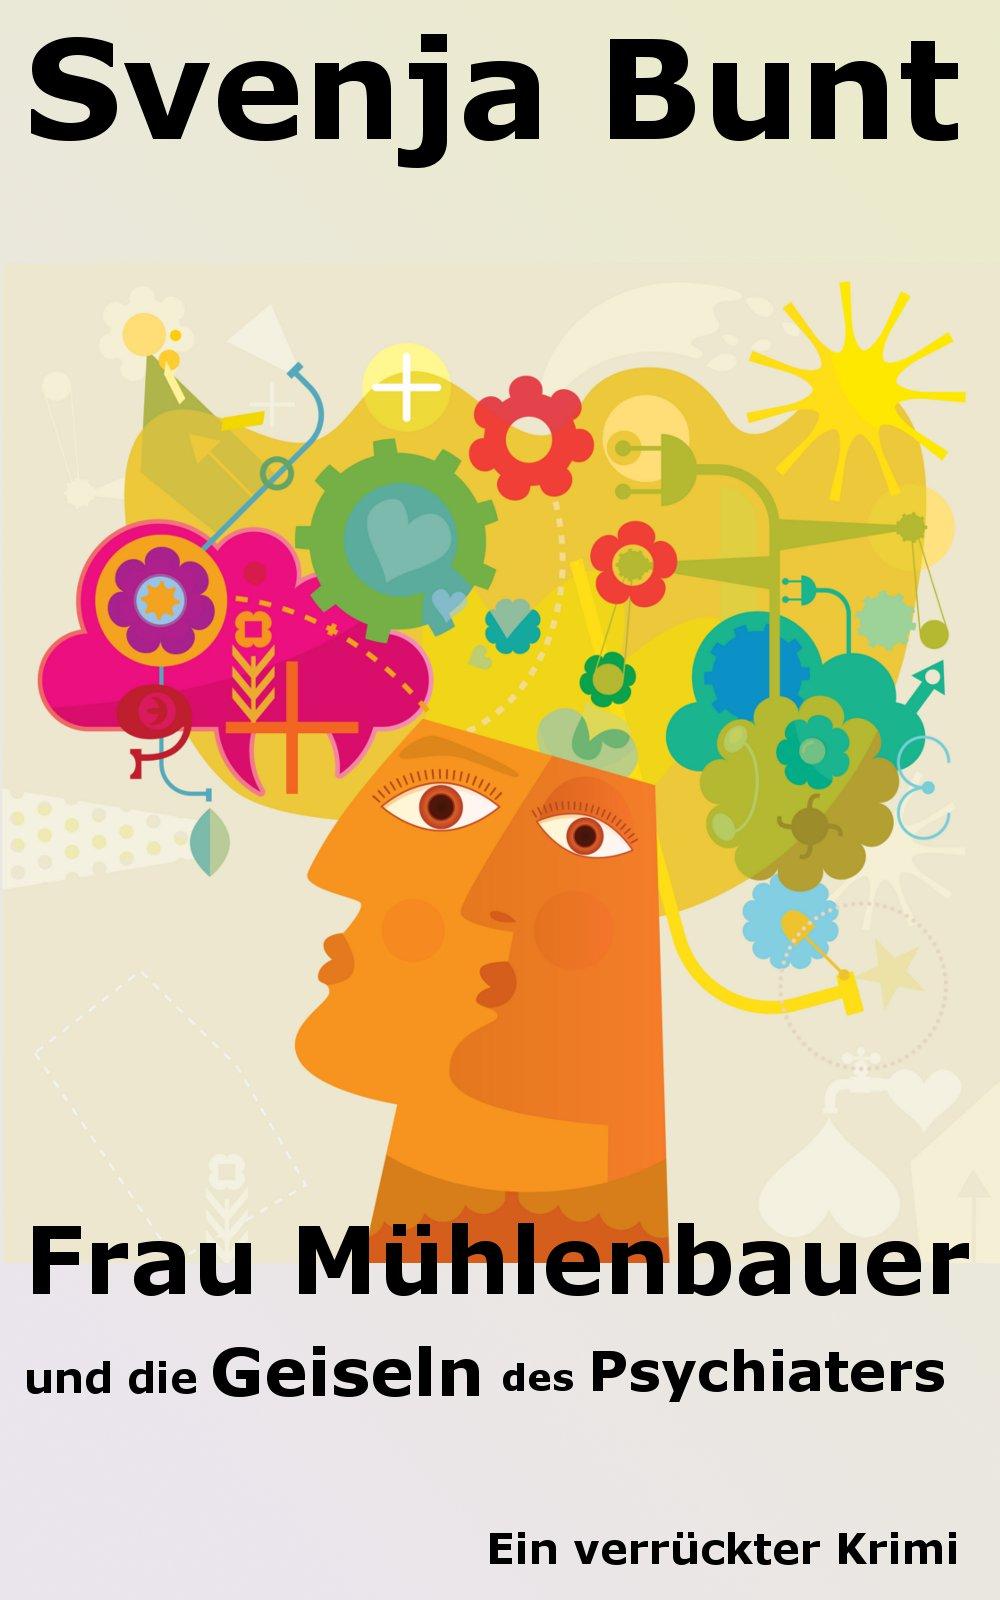 """E-Book-Cover """"Frau Mühlenbauer und die Geiseln des Psychiaters"""" von Svenja Bunt"""